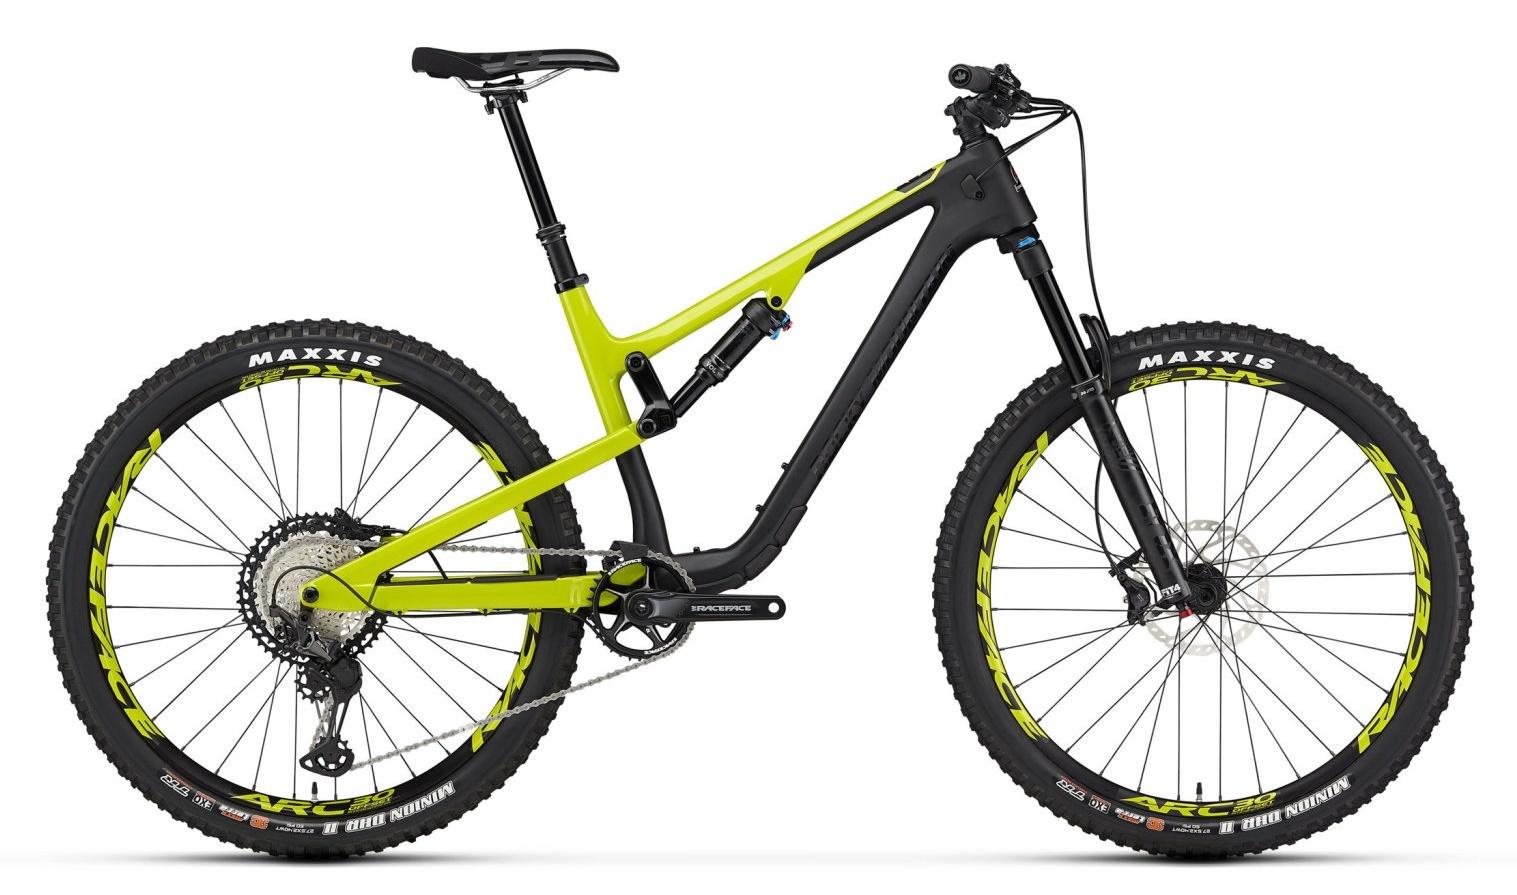 Rocky Mountain Thunderbolt C70 Bike 2020 Black/Green